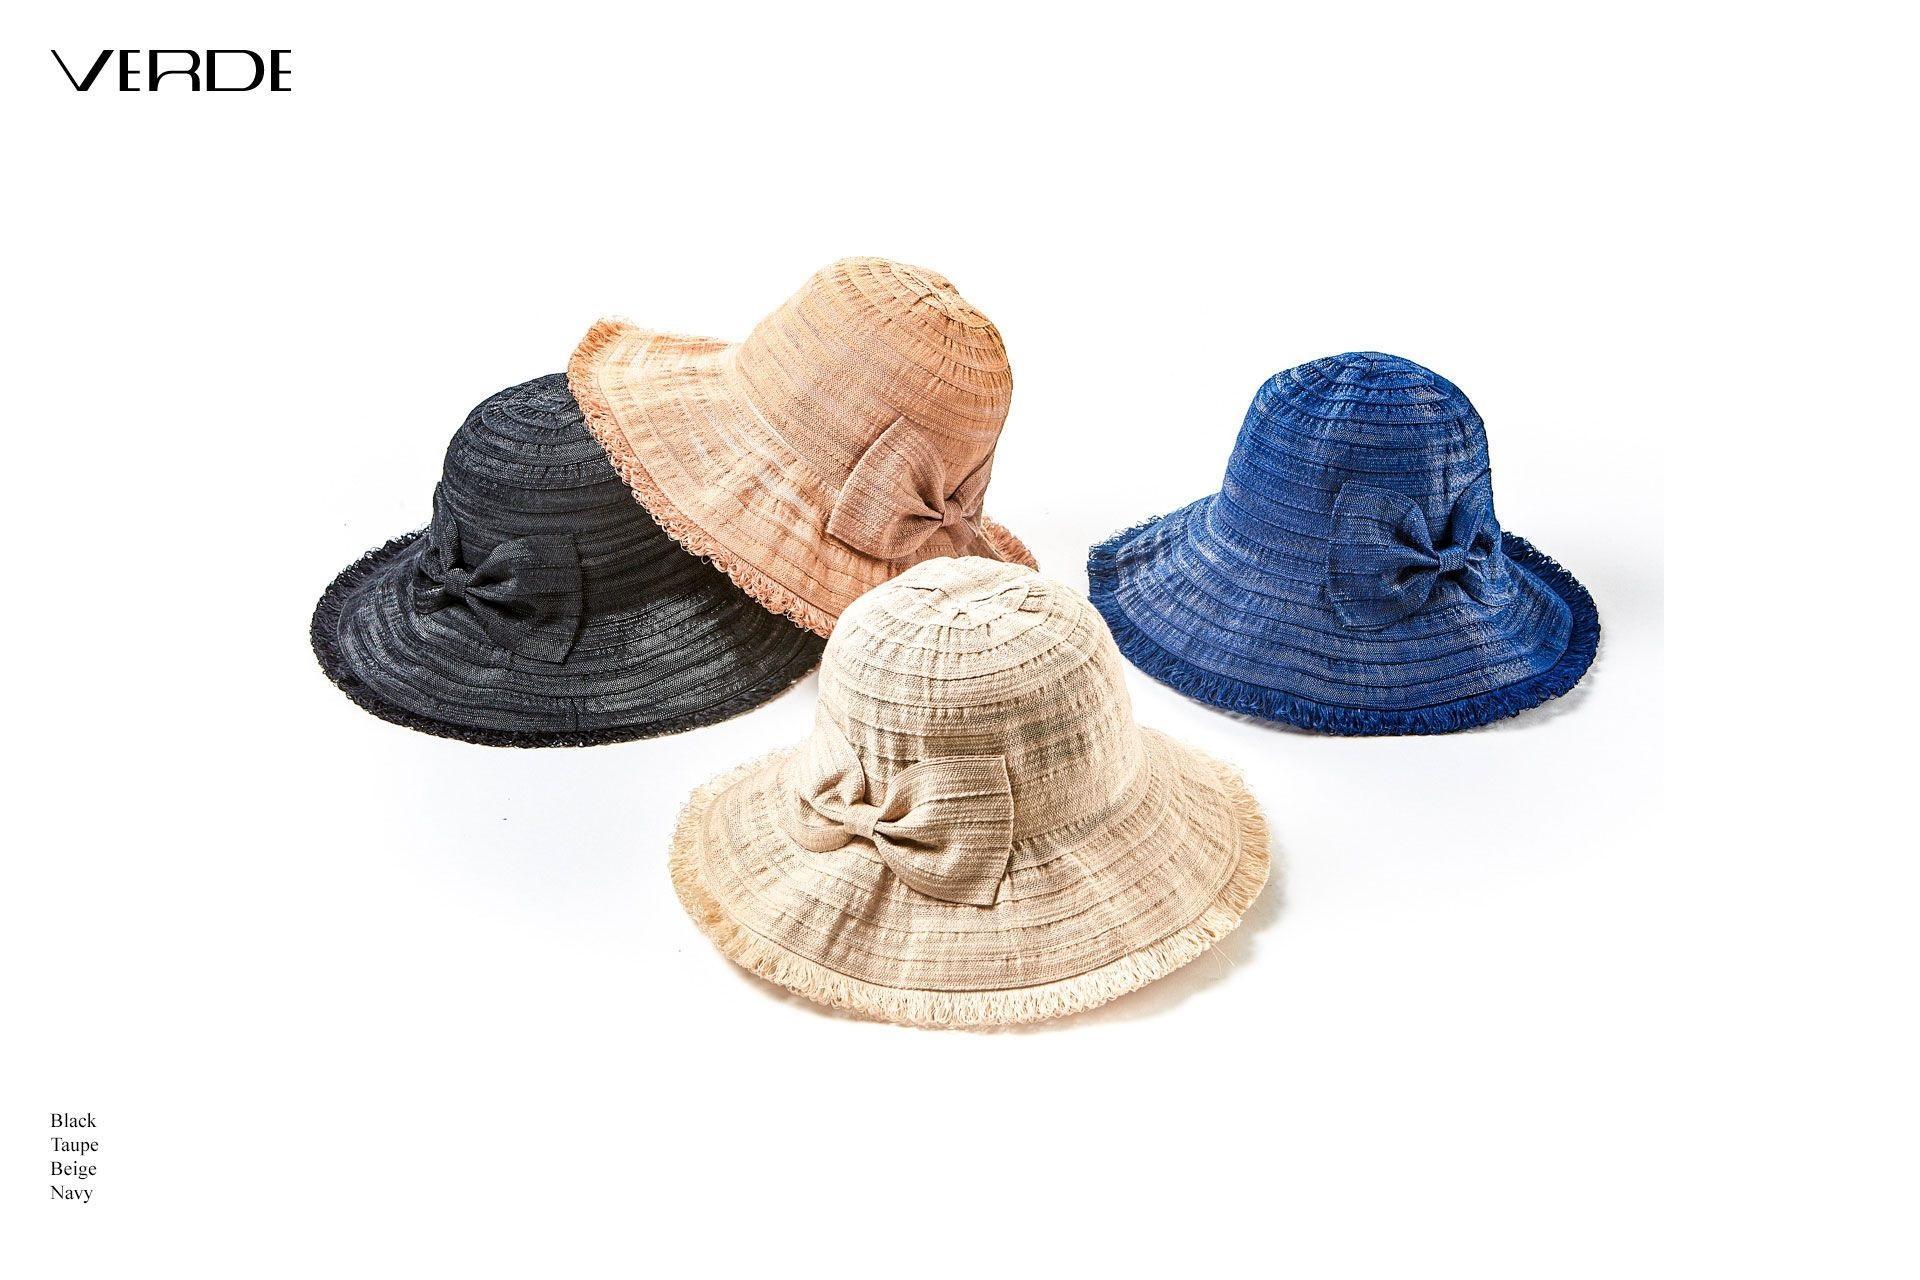 Chapeau d'été en tissu. Vente en ligne de chapeaux d'été pour femmes